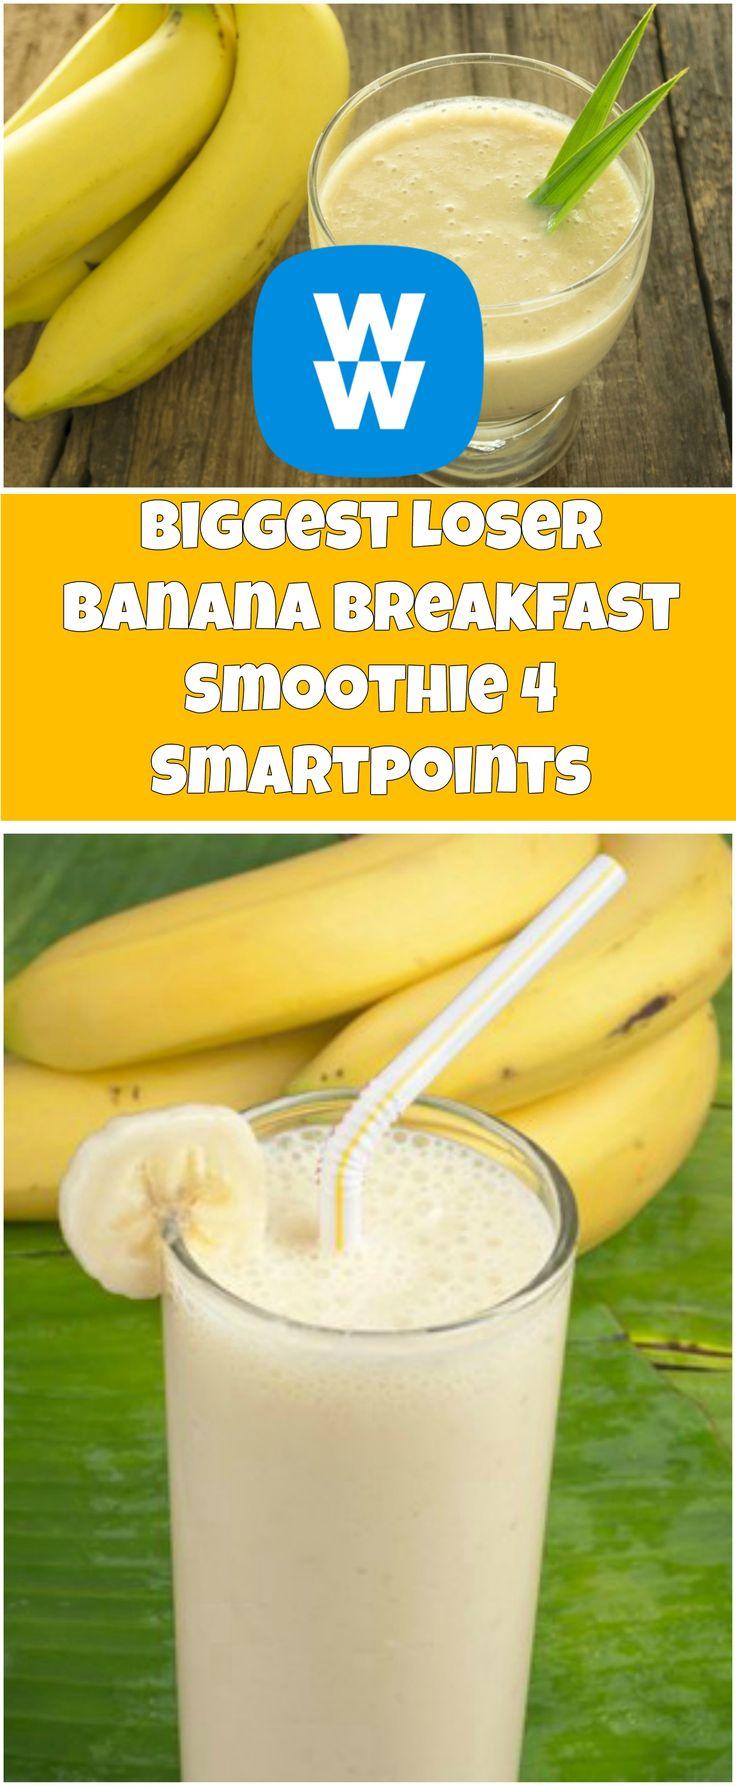 Biggest+Loser+Banana+Breakfast+Smoothie+4+Smartpoints